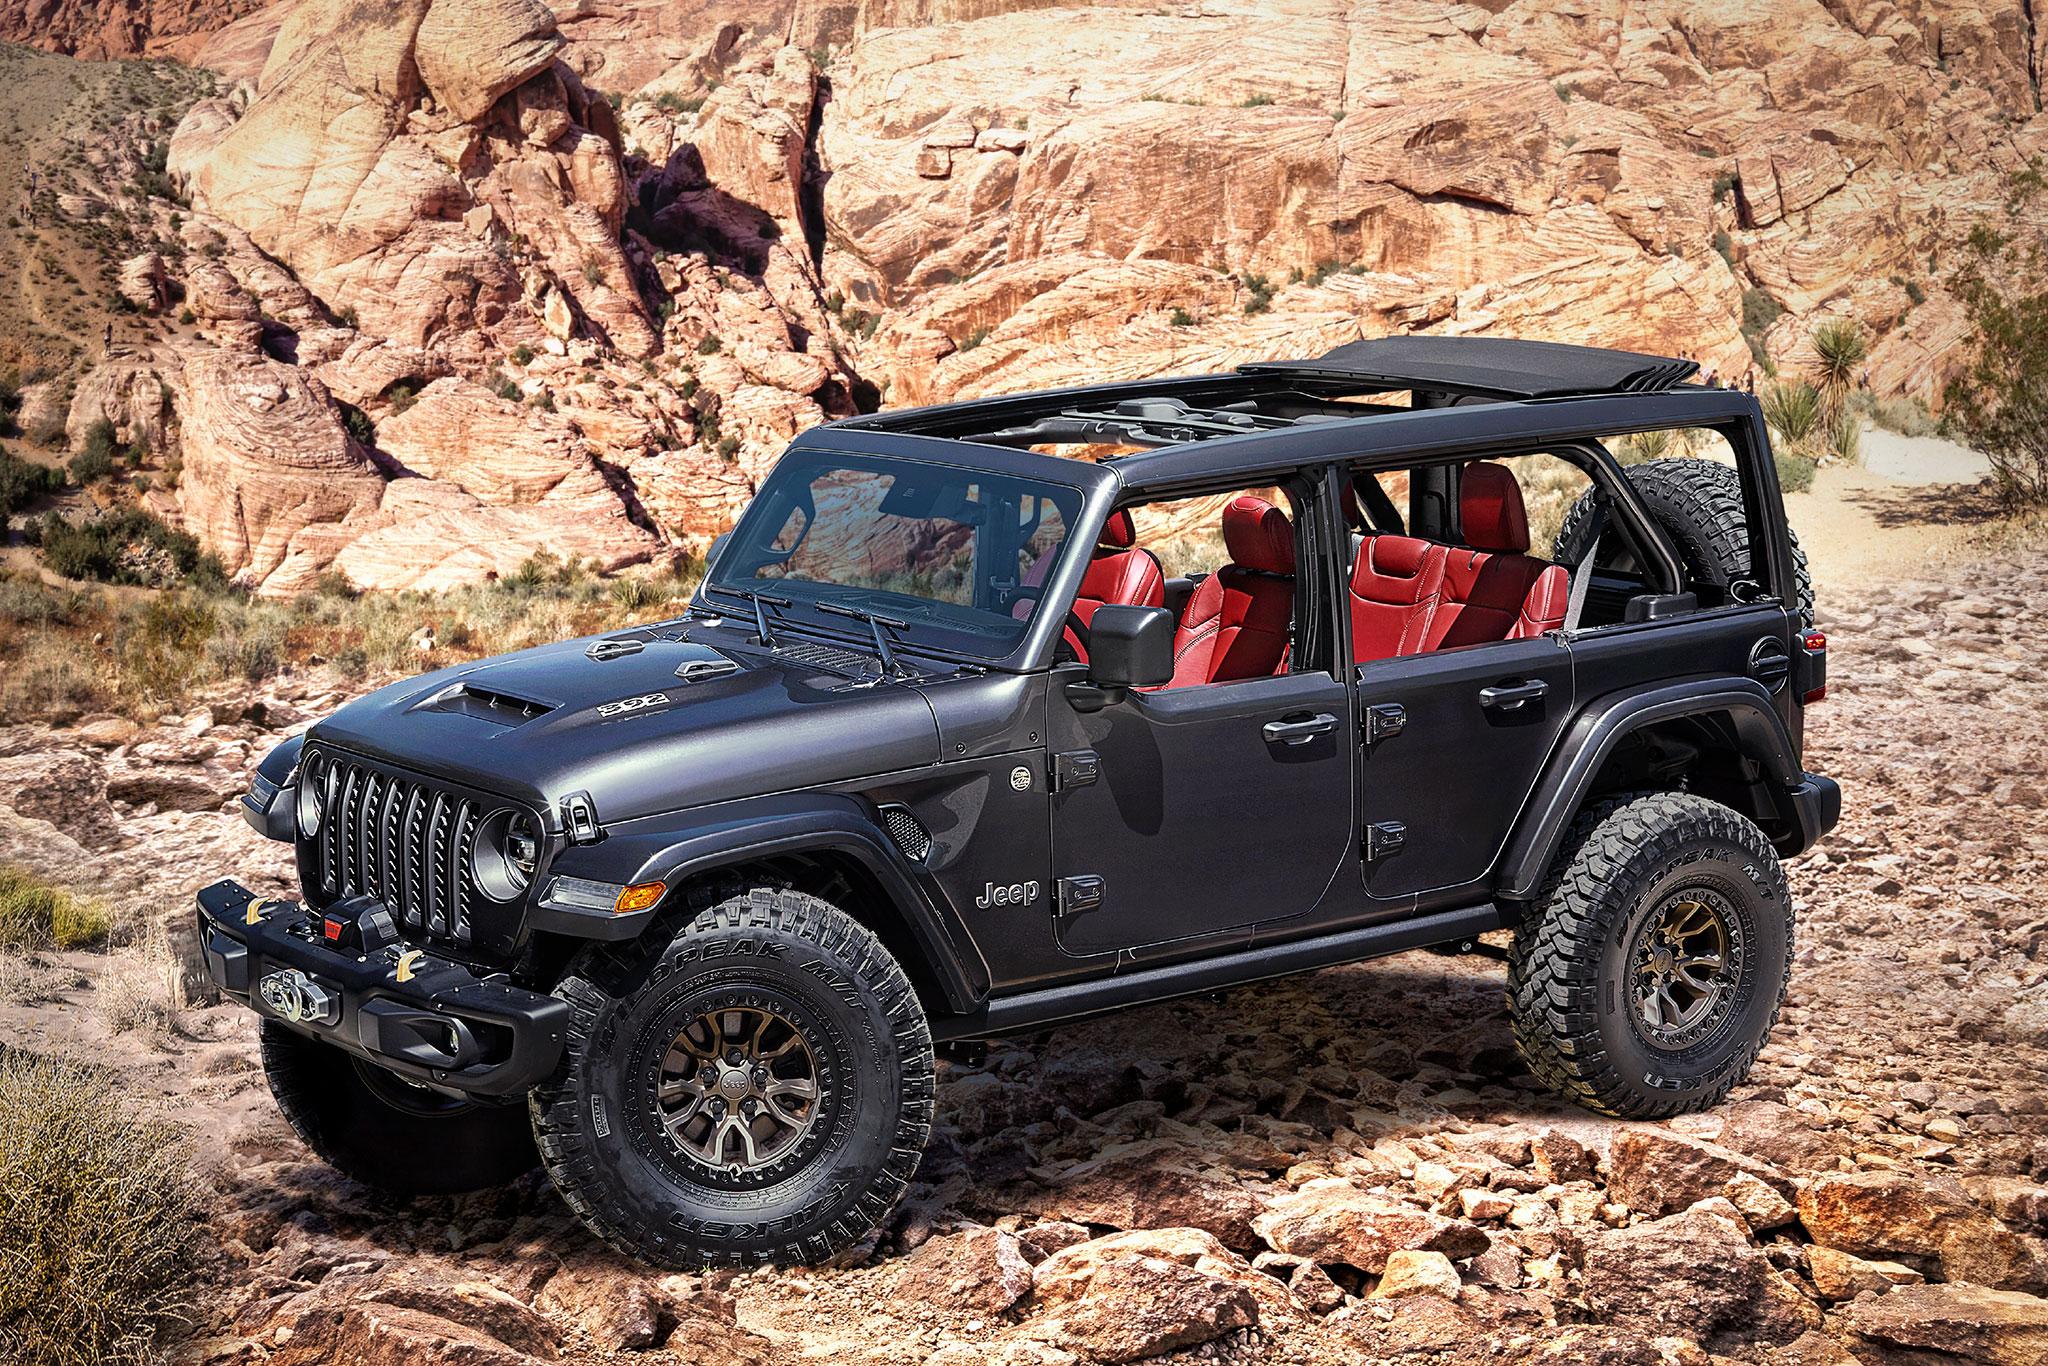 2020 Jeep Wrangler V8 6.4-Litre Rubicon 392 trois quarts avant droit - Jeep et Moab 2020.